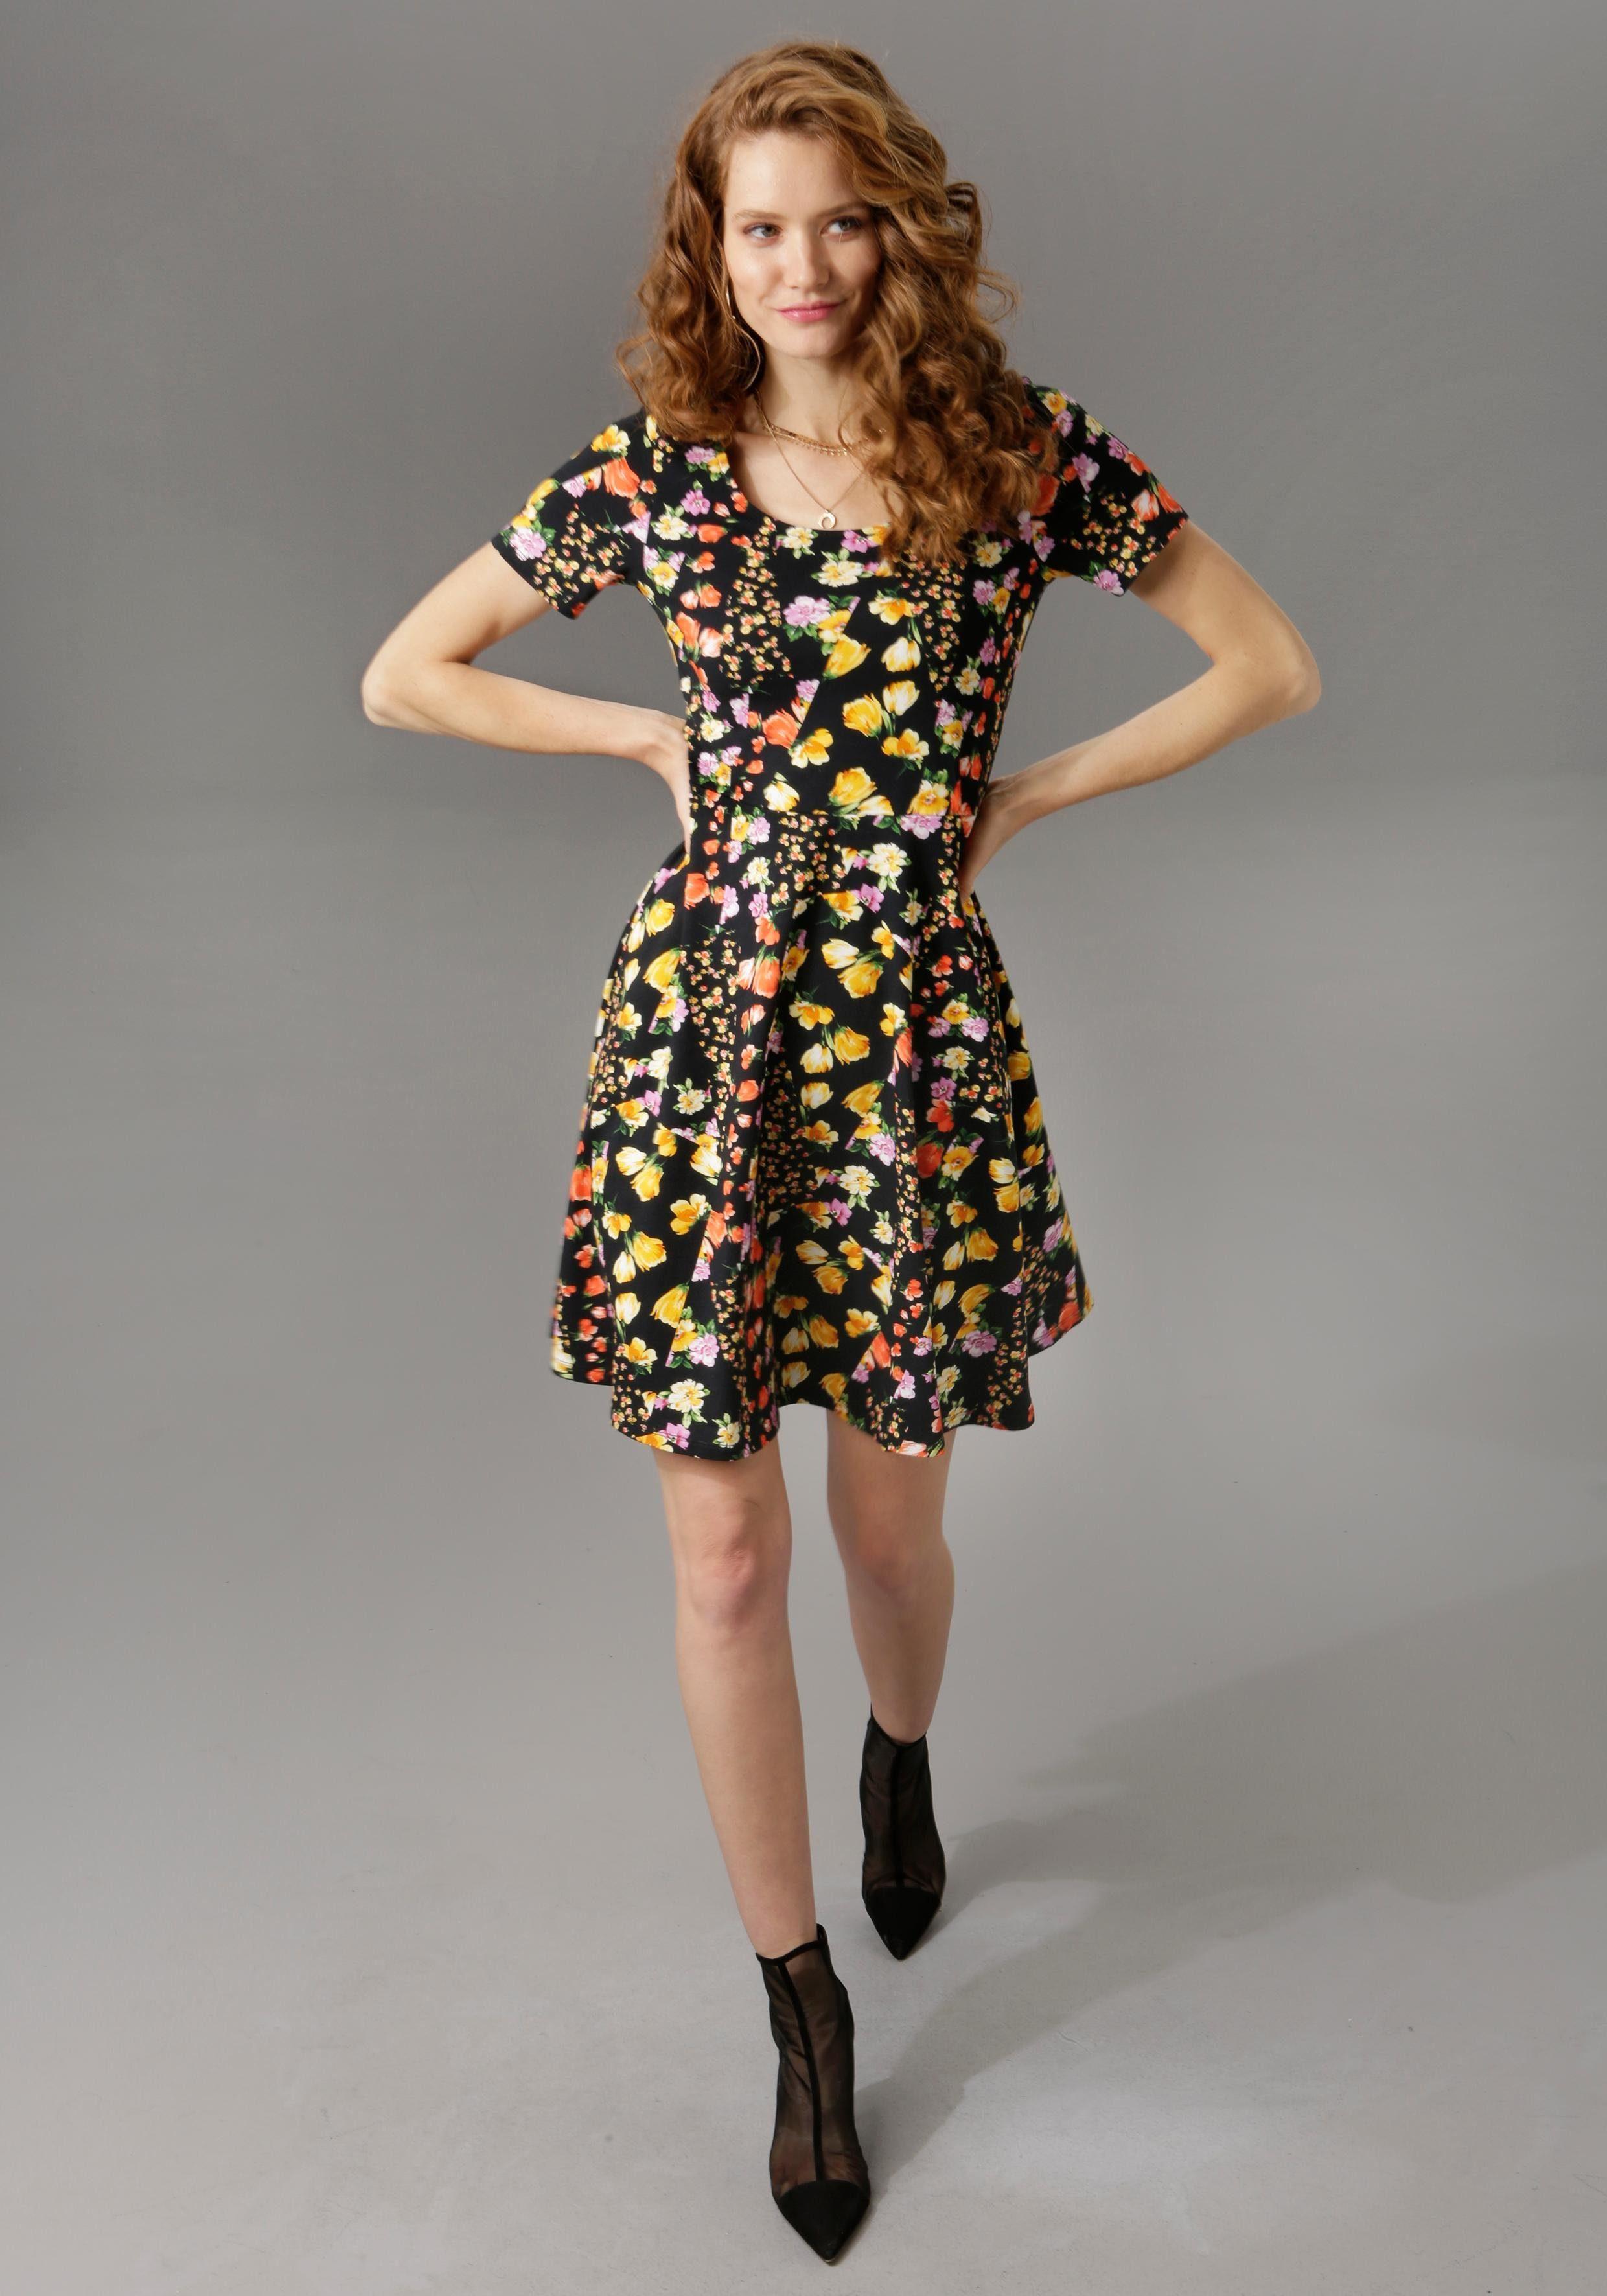 NEU!! Bedruckt CHEER Kleid KP 29,99 € /%SALE/%